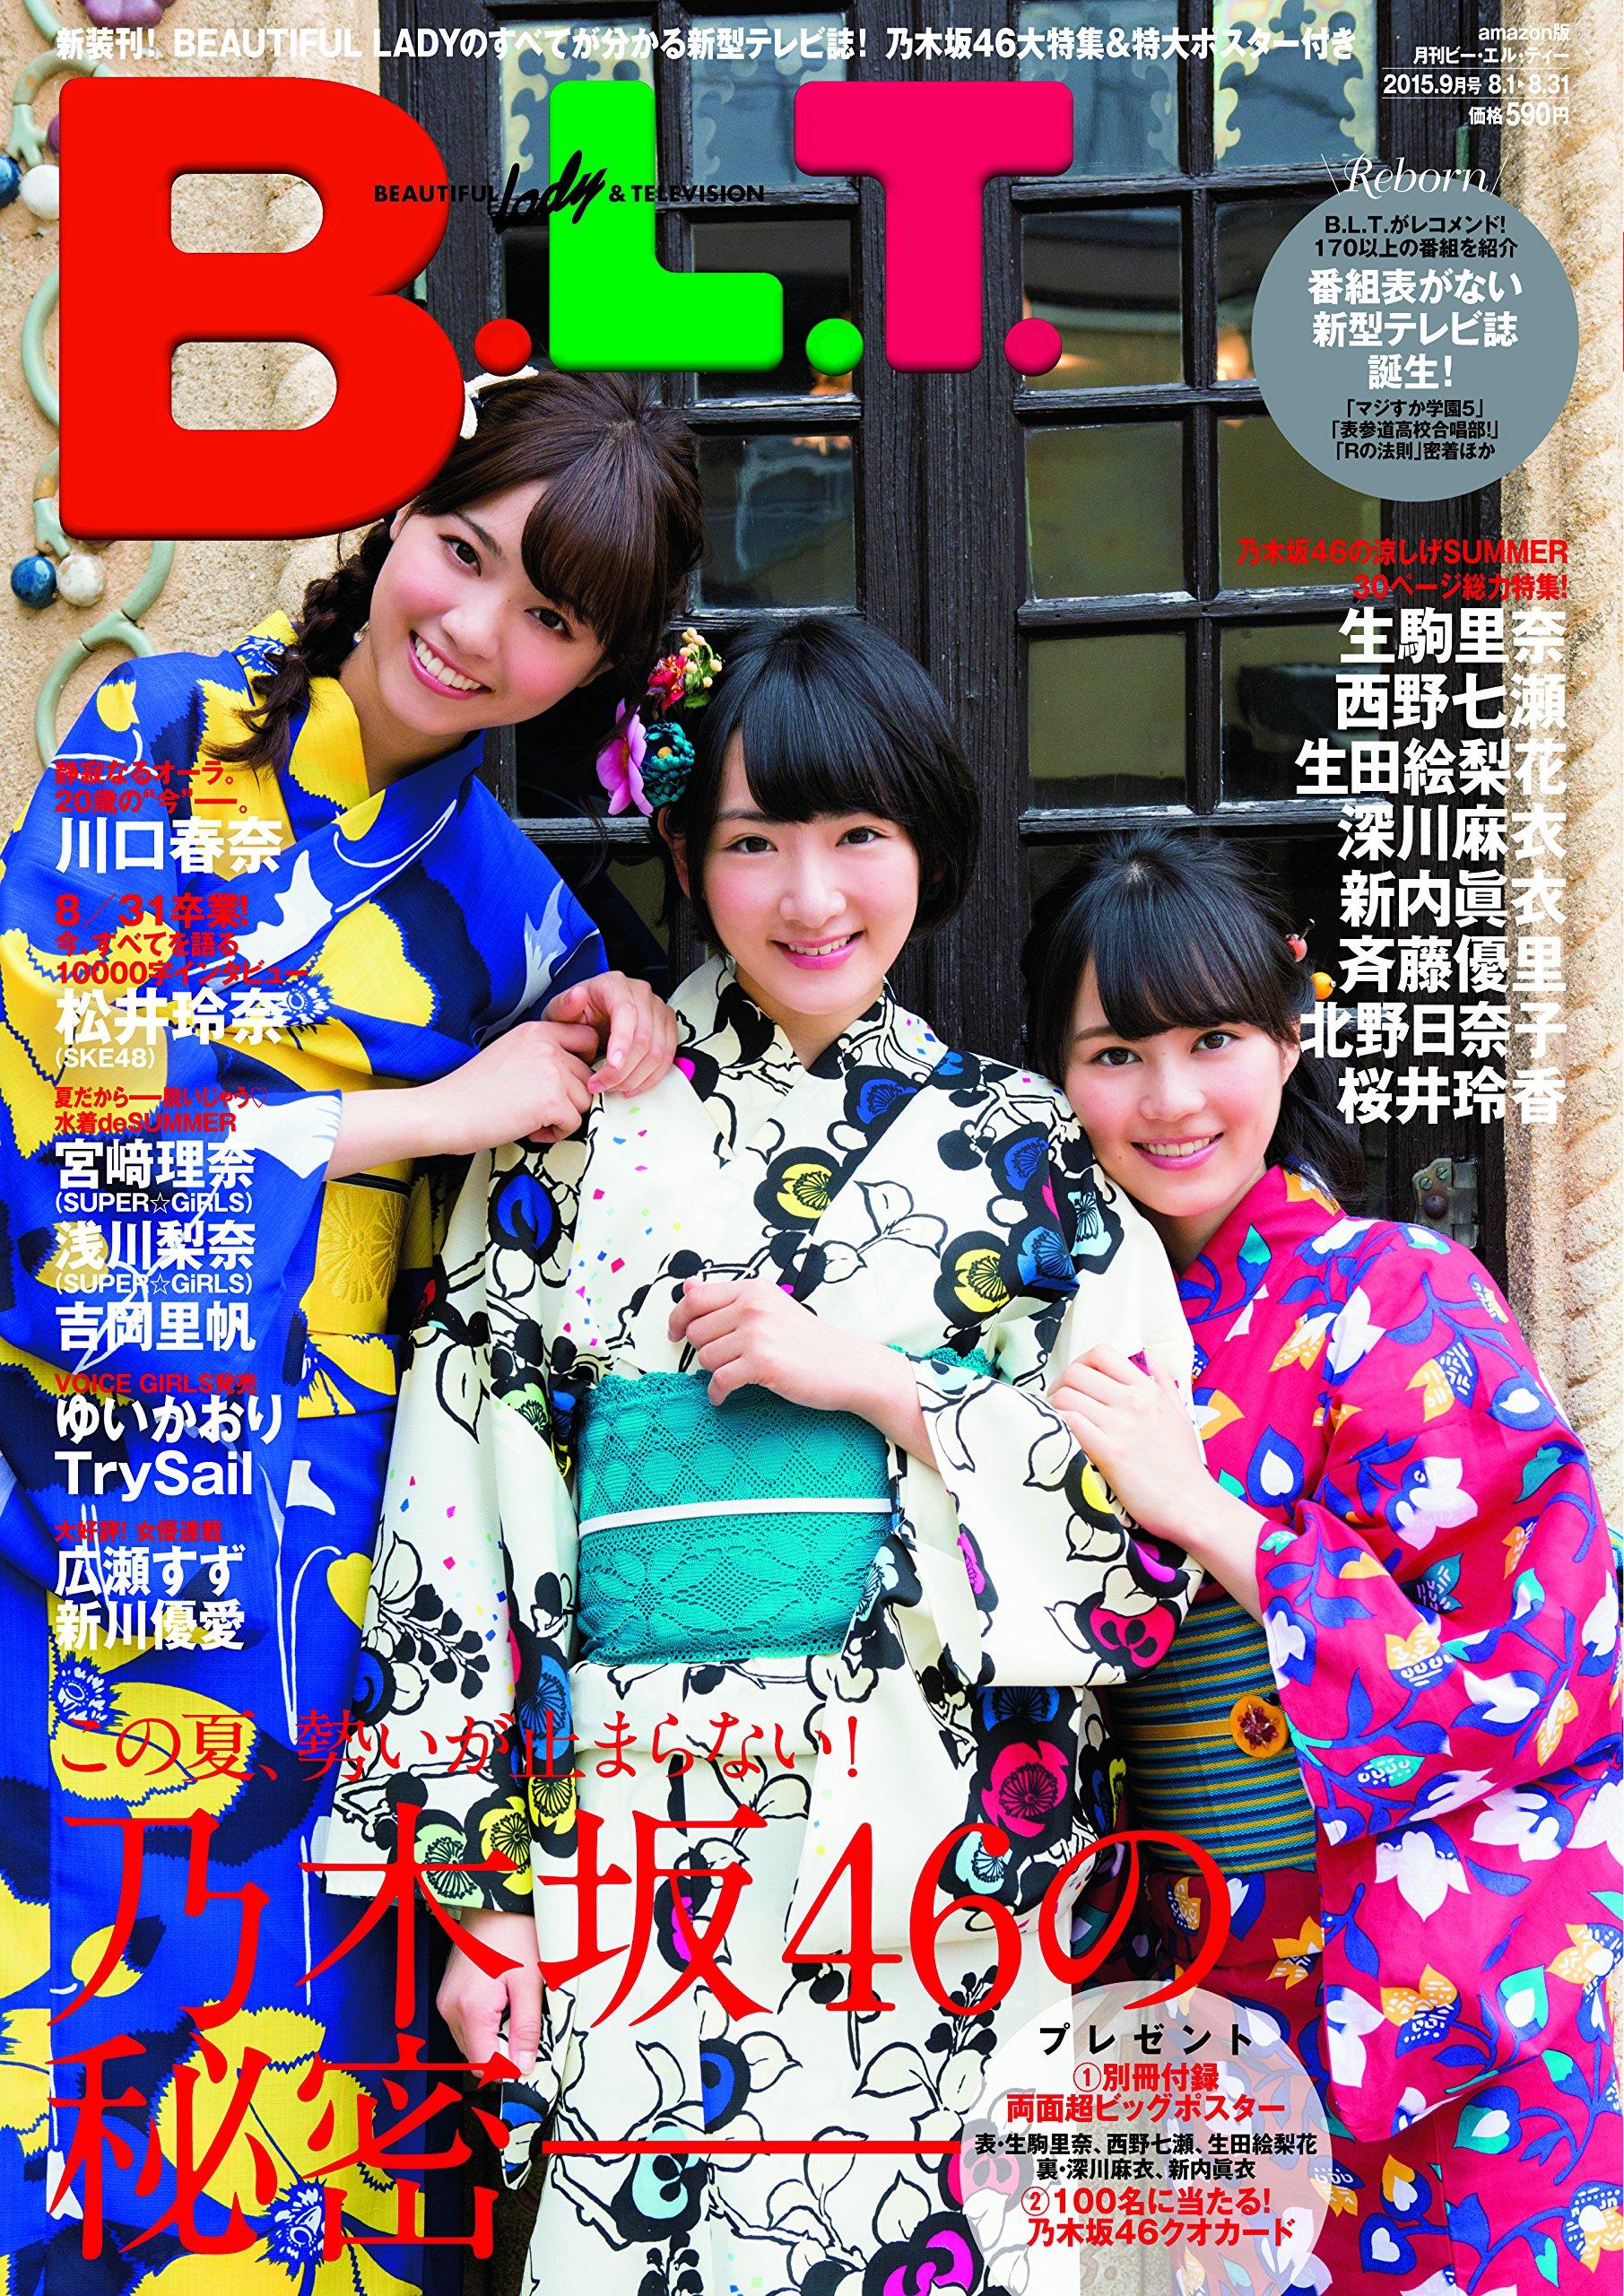 生駒里奈、西野七瀬、生田絵梨花 B.L.T.2015年9月号 付録ポスター Amazon版あり